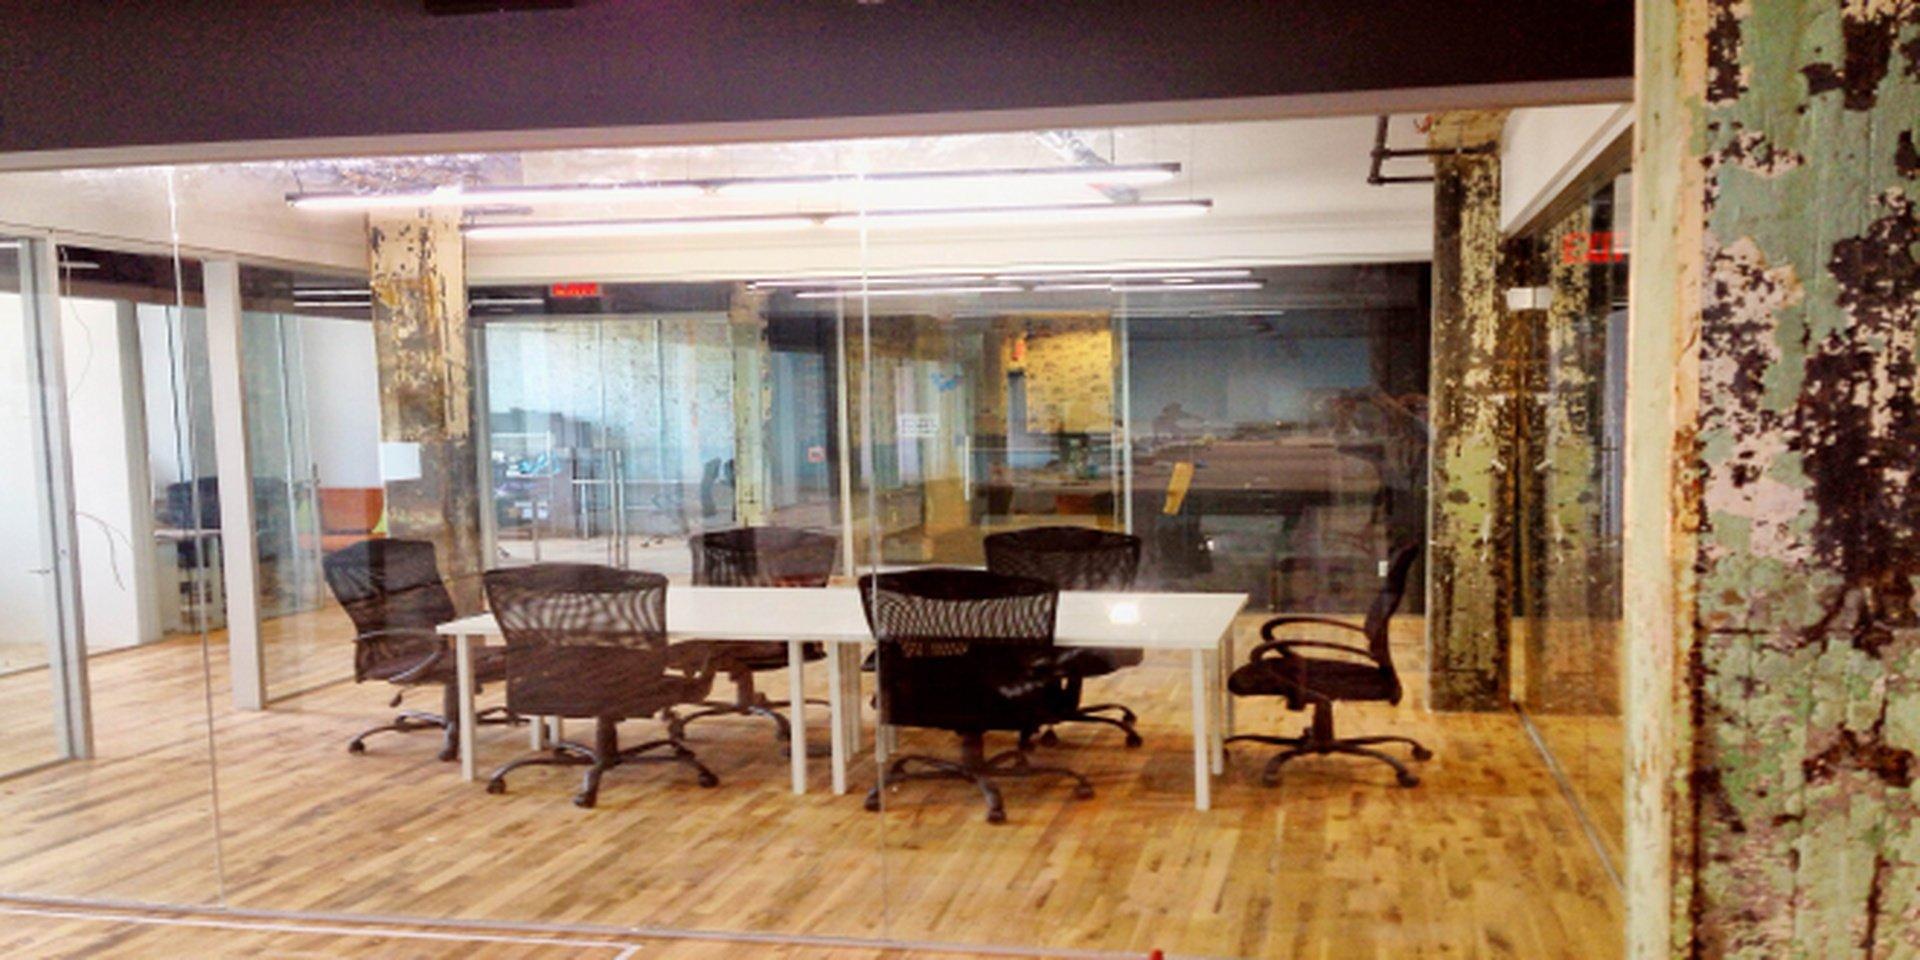 NYC conference rooms Salle de réunion Cowork.rs - Gowanus -Aquarium image 0